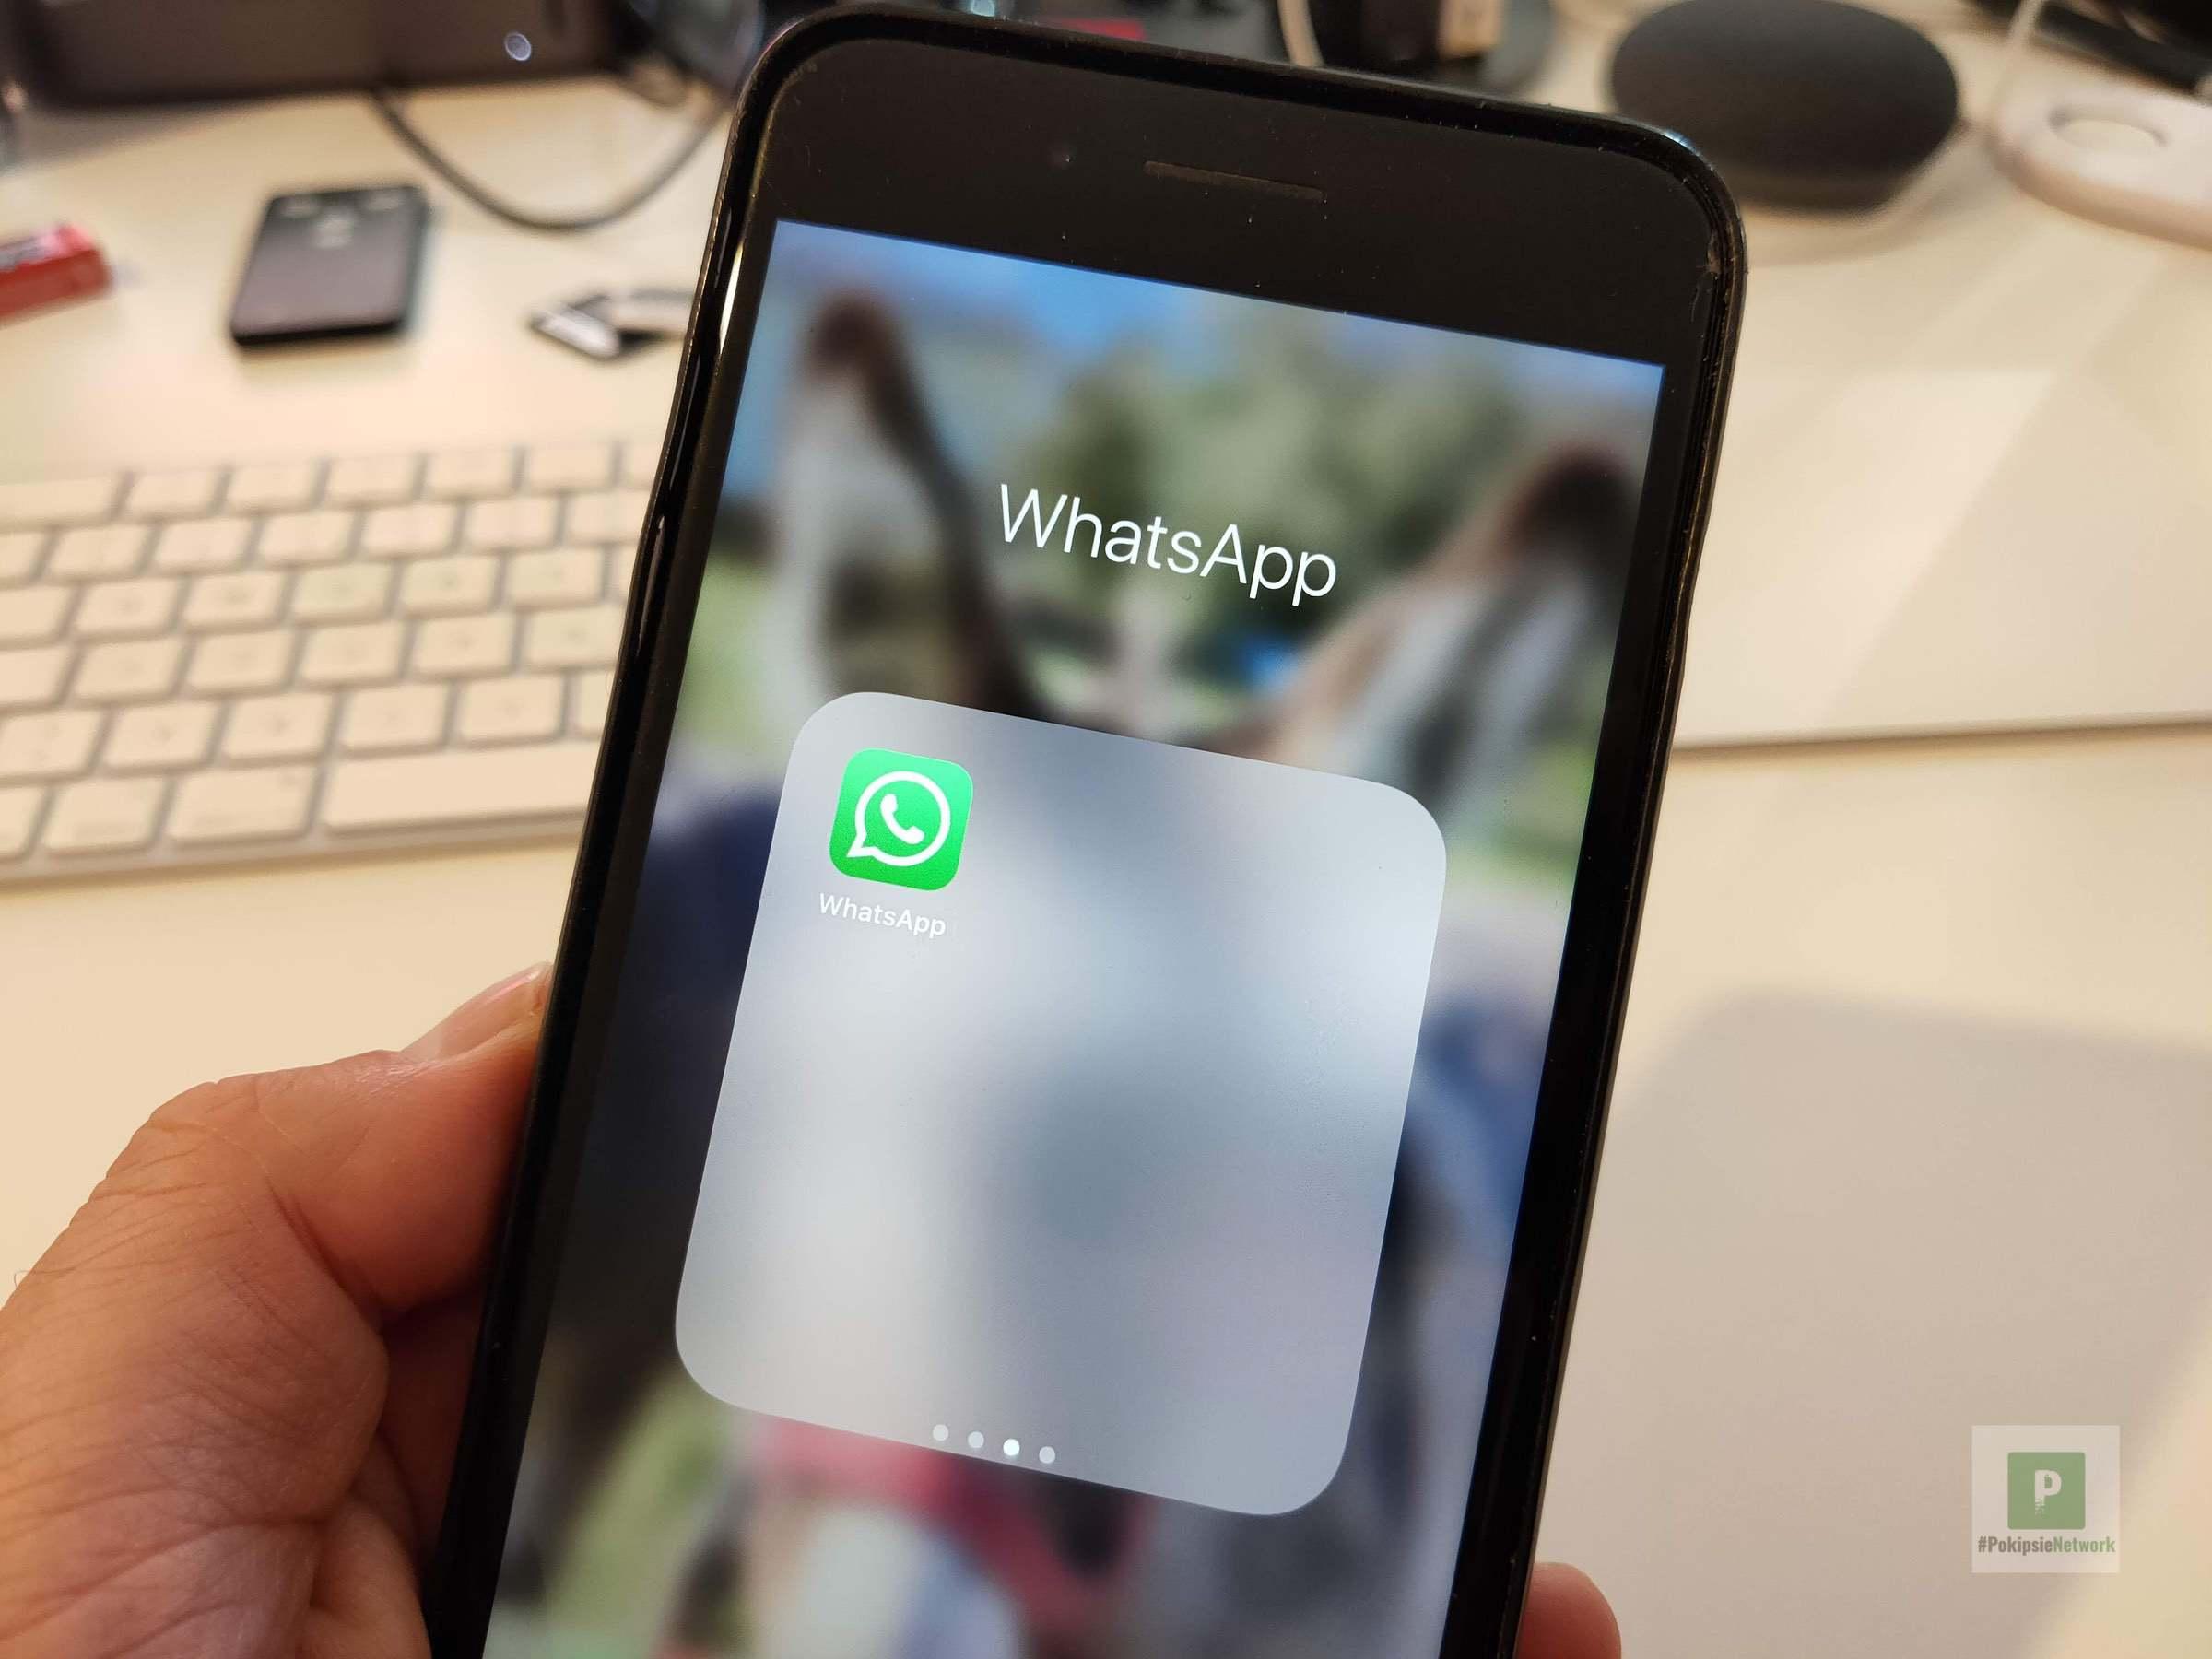 Testbericht: WhatsApp im Check – Die Allmacht unter den Messengern?